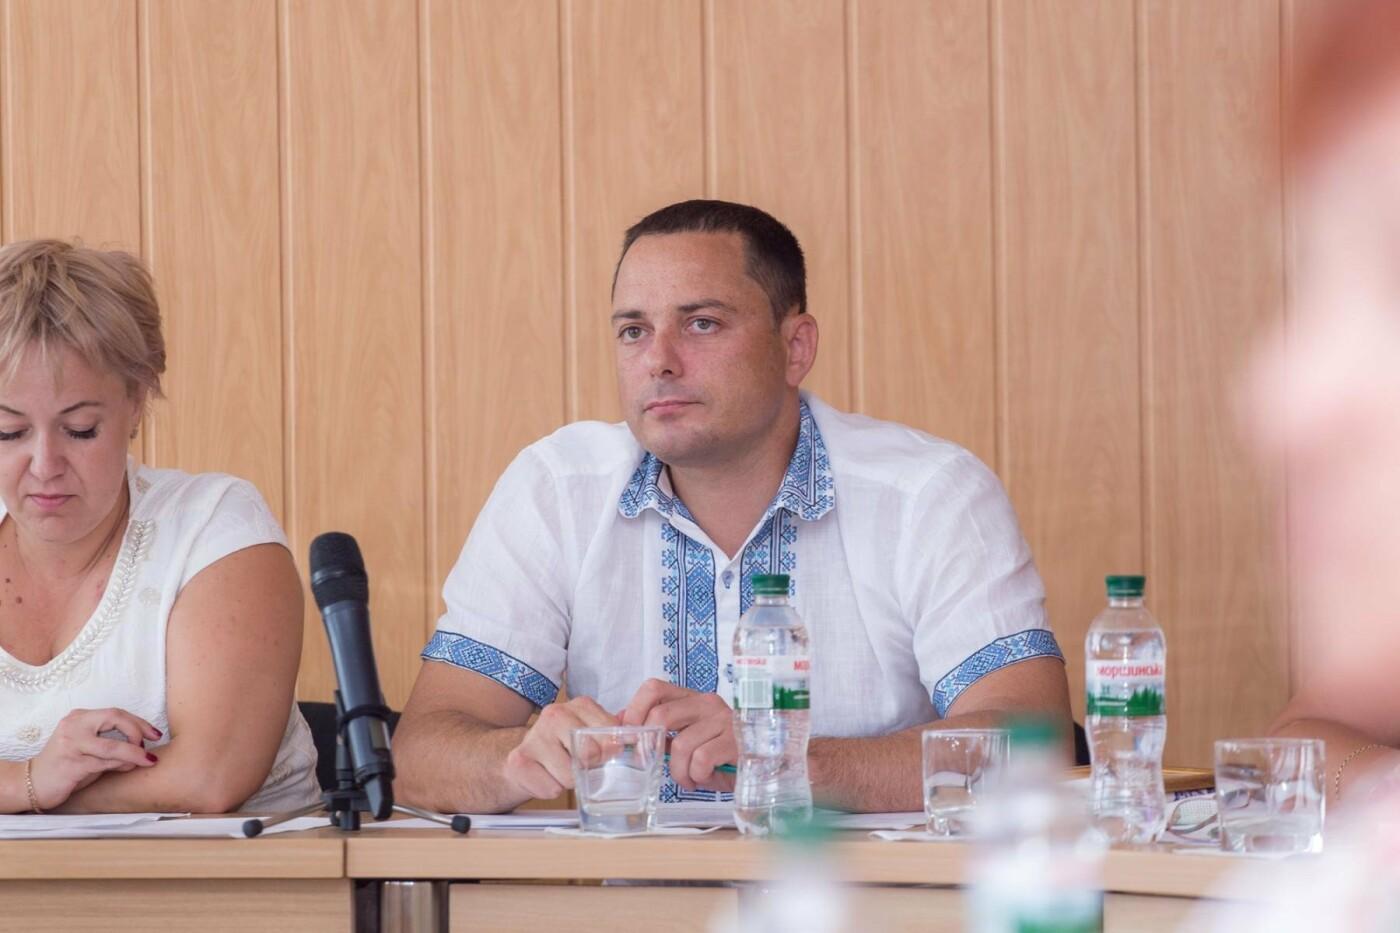 Итоги работы и планы: в Каменском заседали главы органов самоорганизации населения Днепровского района, фото-2